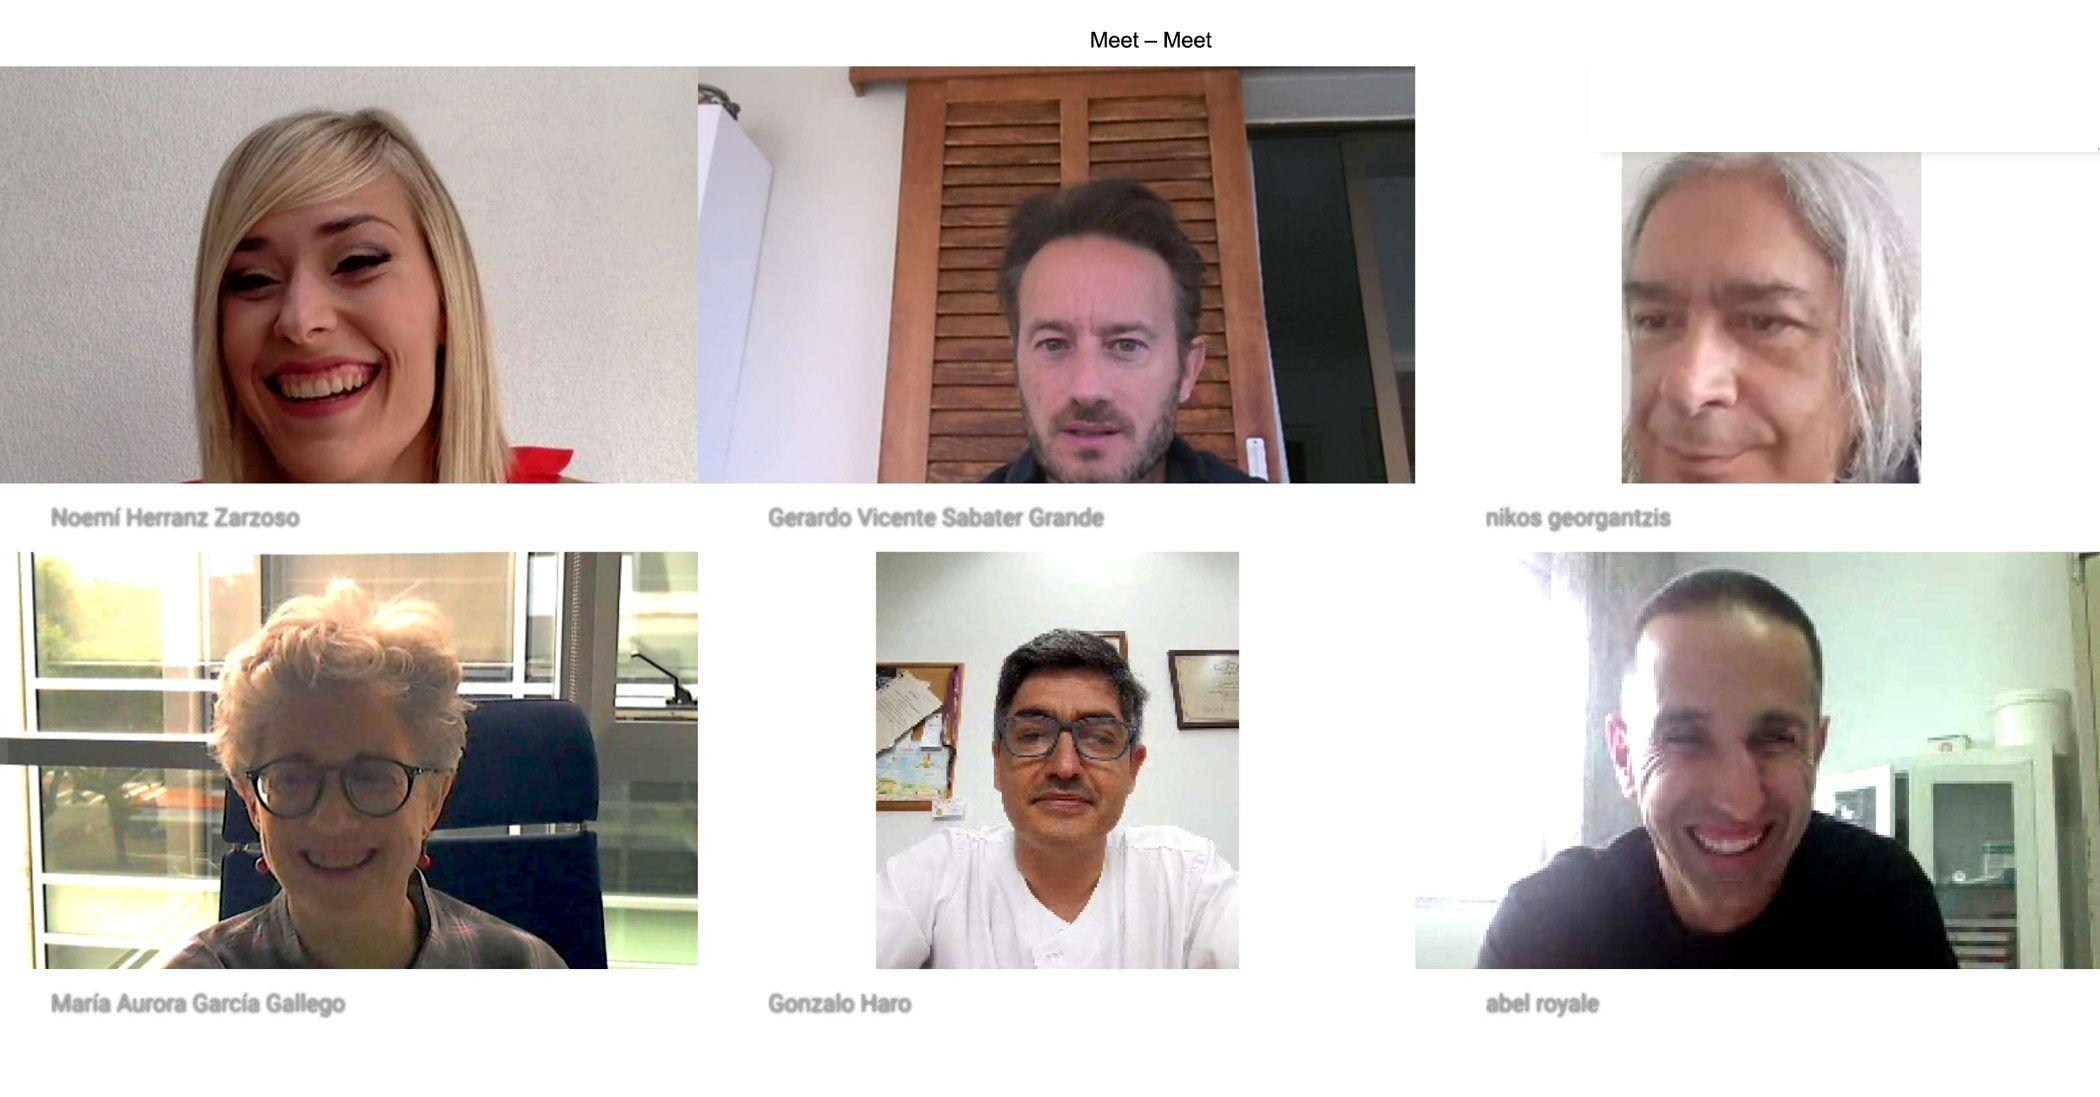 Reunión virtual de los investigadores de la UJI, la CEU UCH de Castellón y de la UBFC de Dijon, autores del estudio sobre patología dual y decisiones económicas que hoy publica Scientific Reports.